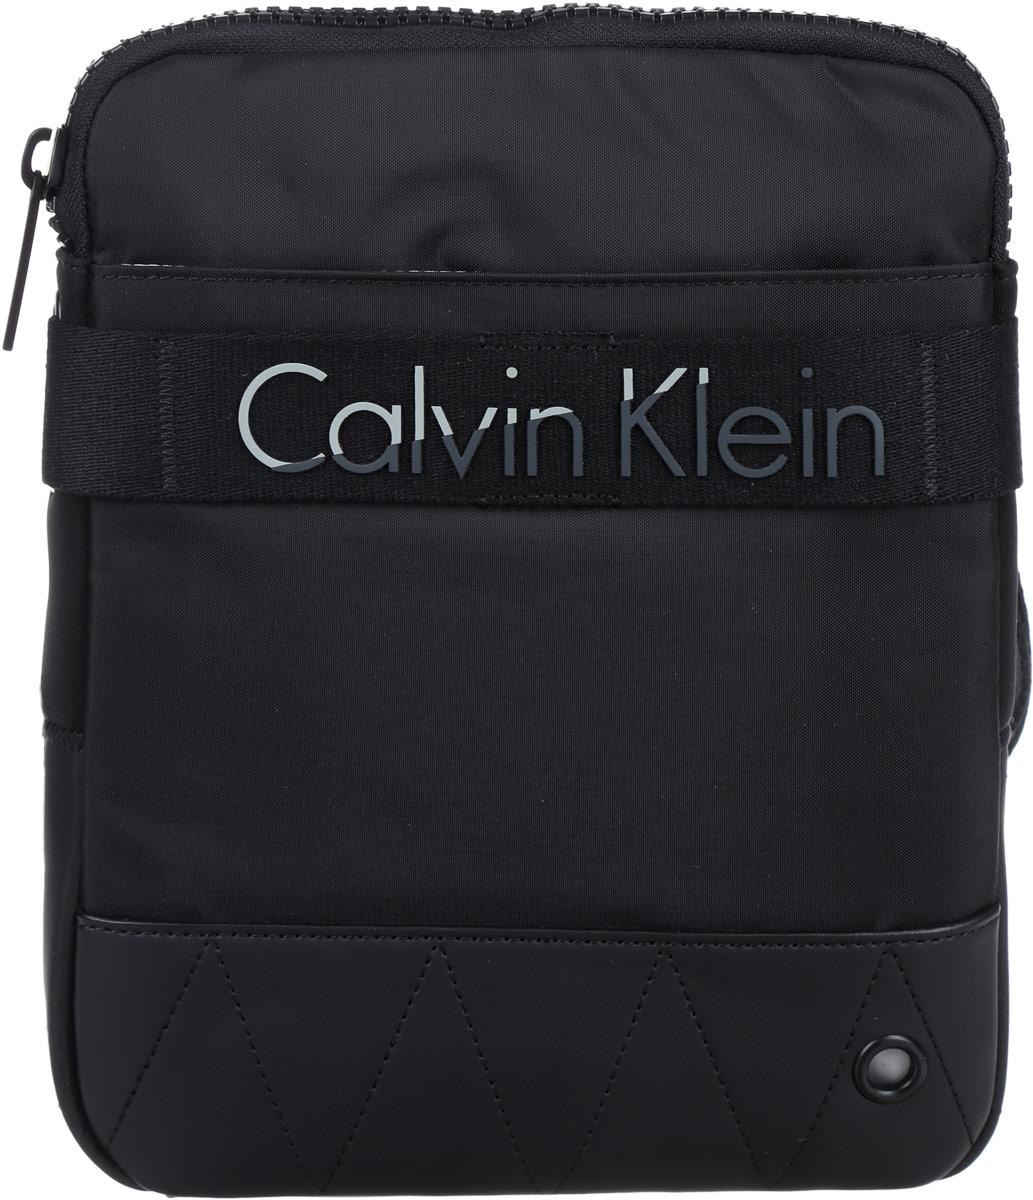 Сумка мужская Calvin Klein Jeans, цвет: черный. K50K502291_0010K50K502291_0010Стильная мужская сумка Calvin Klein Jeans выполнена из полиуретана, полиамида и полиэстера. Изделие имеет одно отделение, которое закрывается на застежку-молнию. Внутри находится накладной открытый карман. Снаружи, на передней стенке расположен нашивной карман на липучке. Задняя часть сумки дополнена мягкой сетчатой вставкой, которая обеспечивает комфорт при носке. Сумка оснащена текстильным плечевым ремнем, который регулируется по длине.Стильная сумка идеально подчеркнет ваш неповторимый стиль.